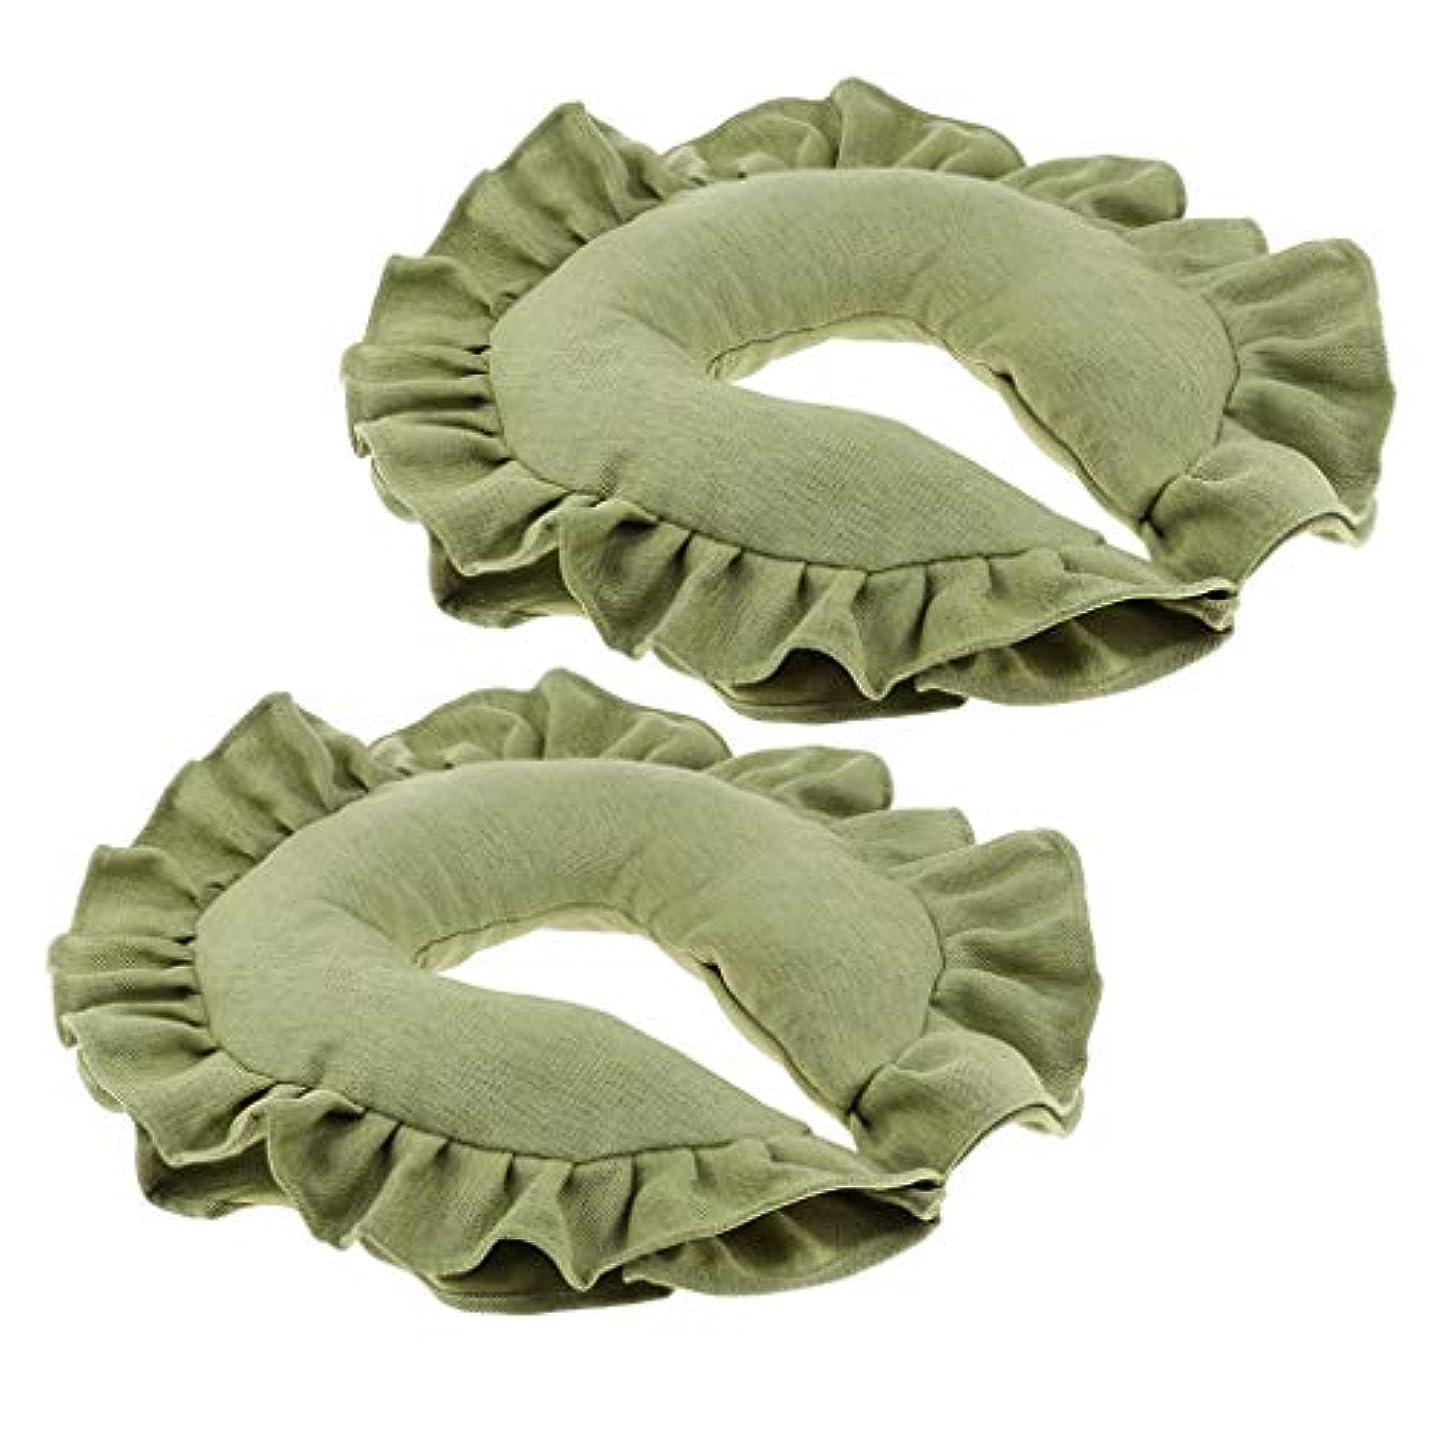 ニックネーム祝福する韓国語chiwanji フェイスマット マッサージ枕 顔枕 整体枕 ネックピロー マクラ 枕 マッサージ 整体 男女兼用 2個入り